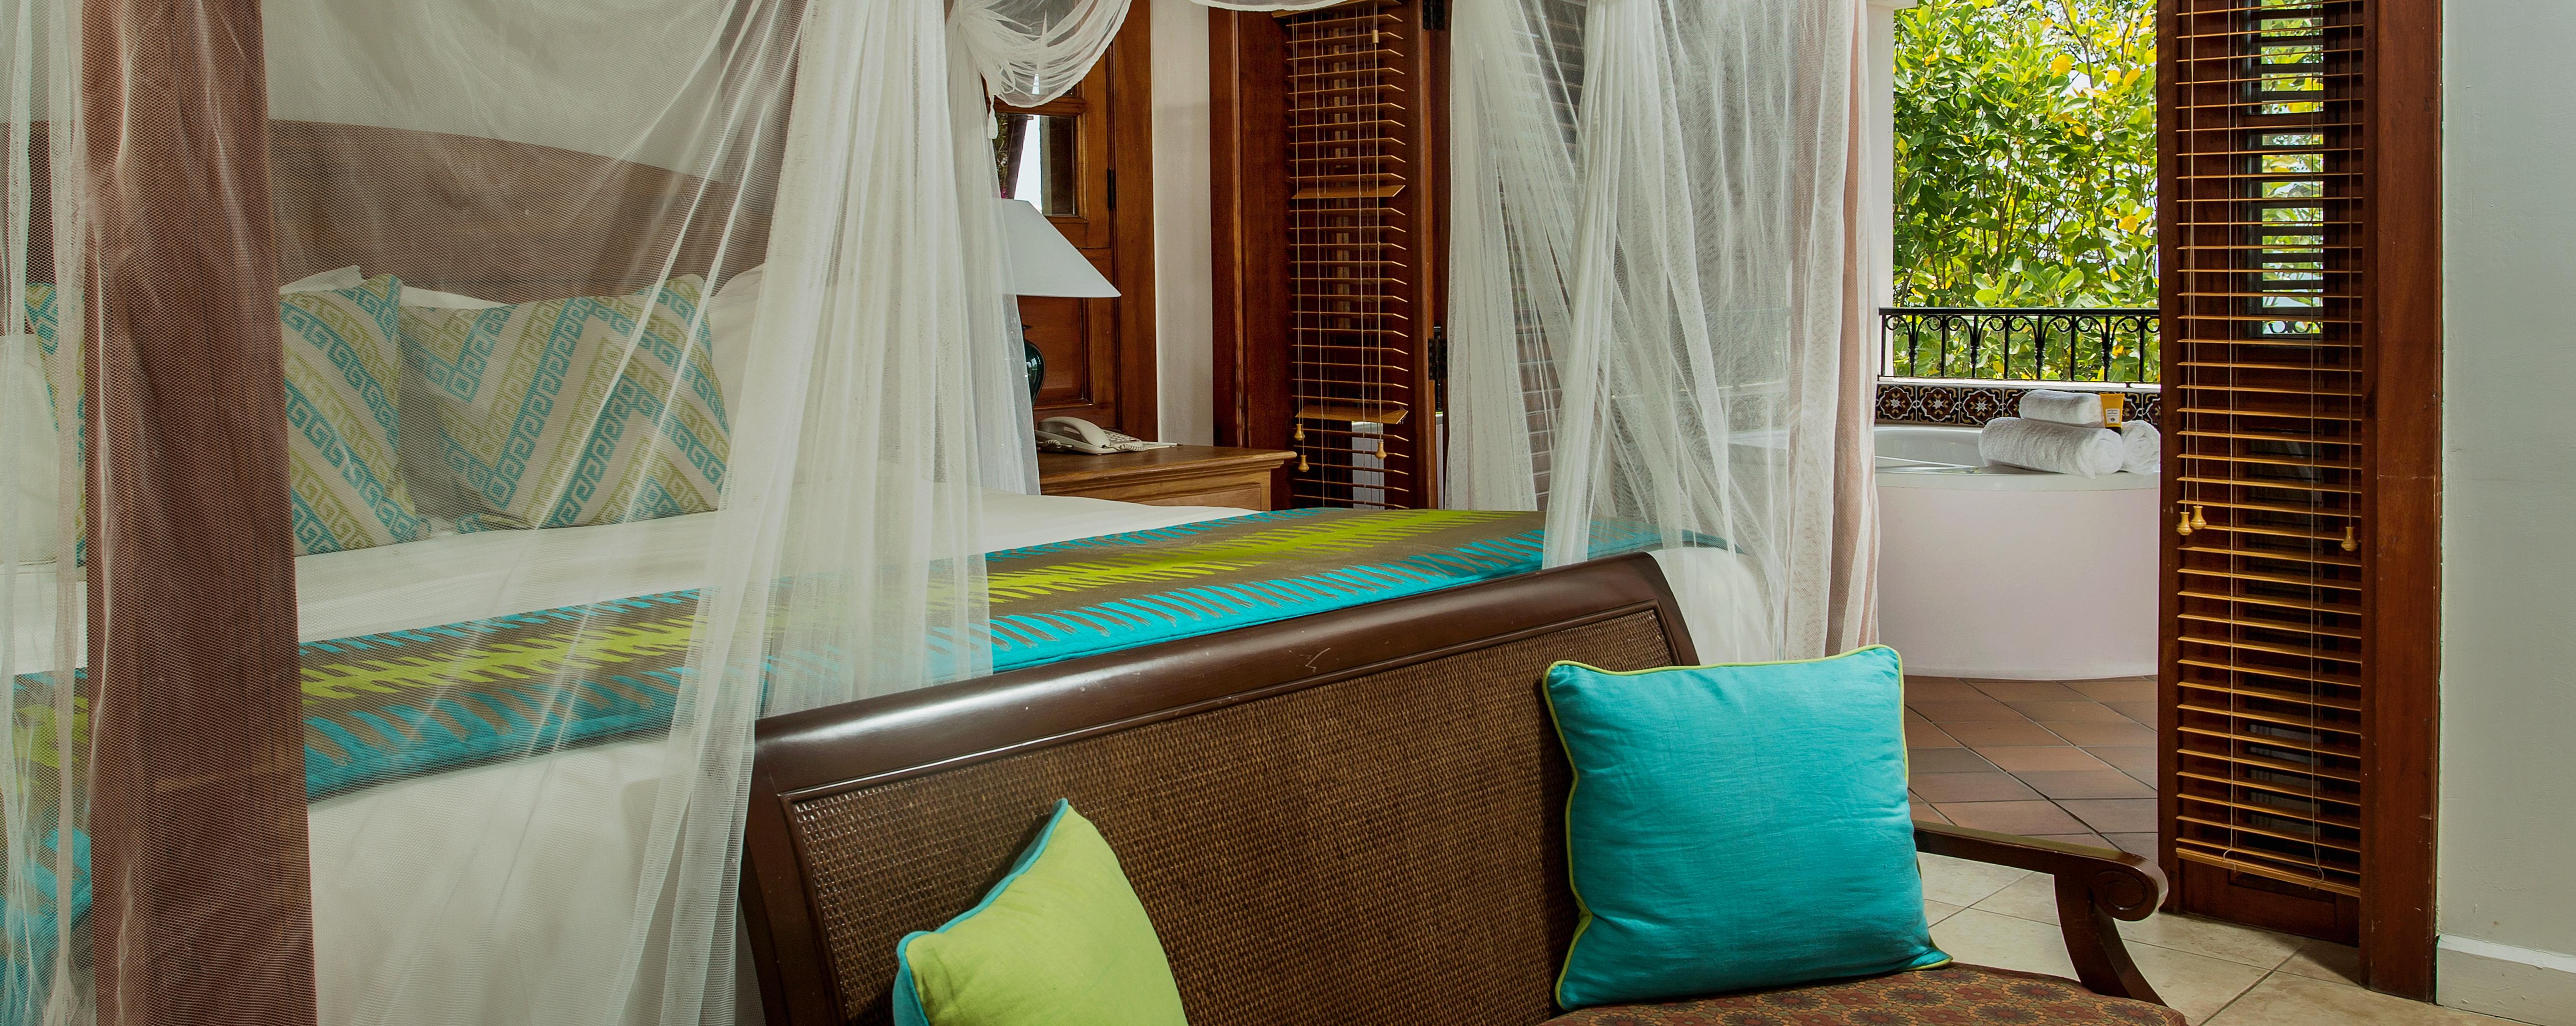 Ocean-View-Villa-Suite-cap-maison